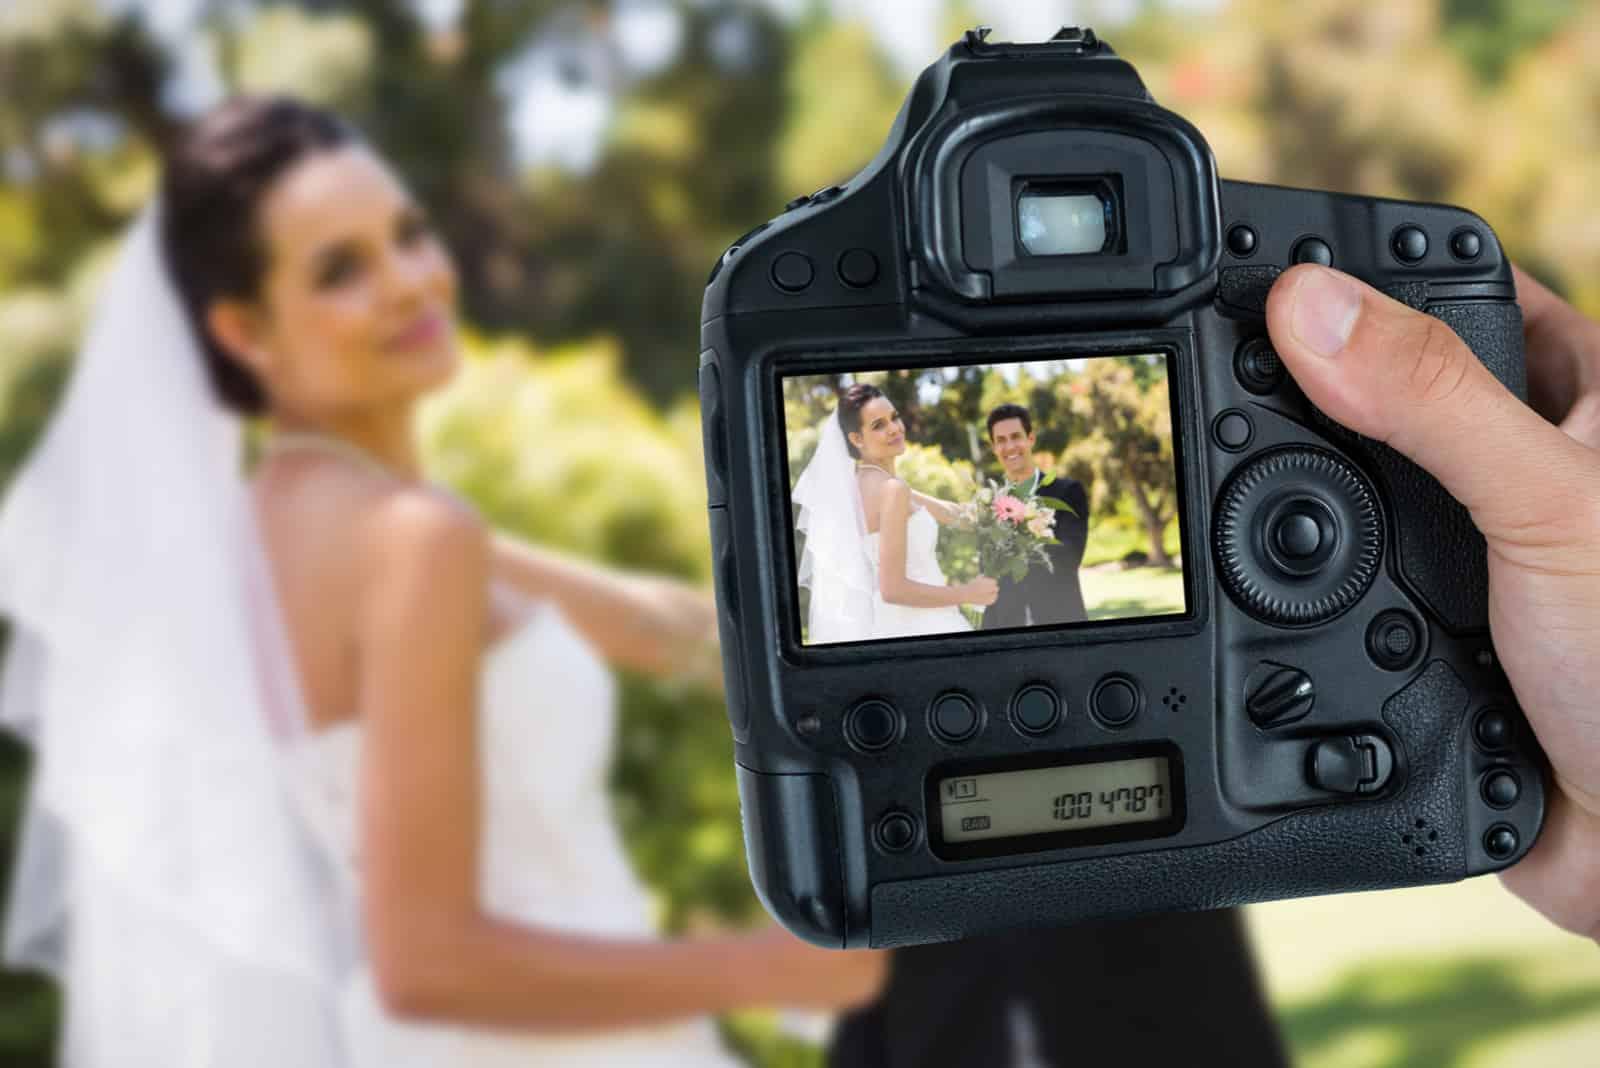 Fotograf hält Kamera gegen glückliches frisch verheiratetes Paar mit Blumenstrauß